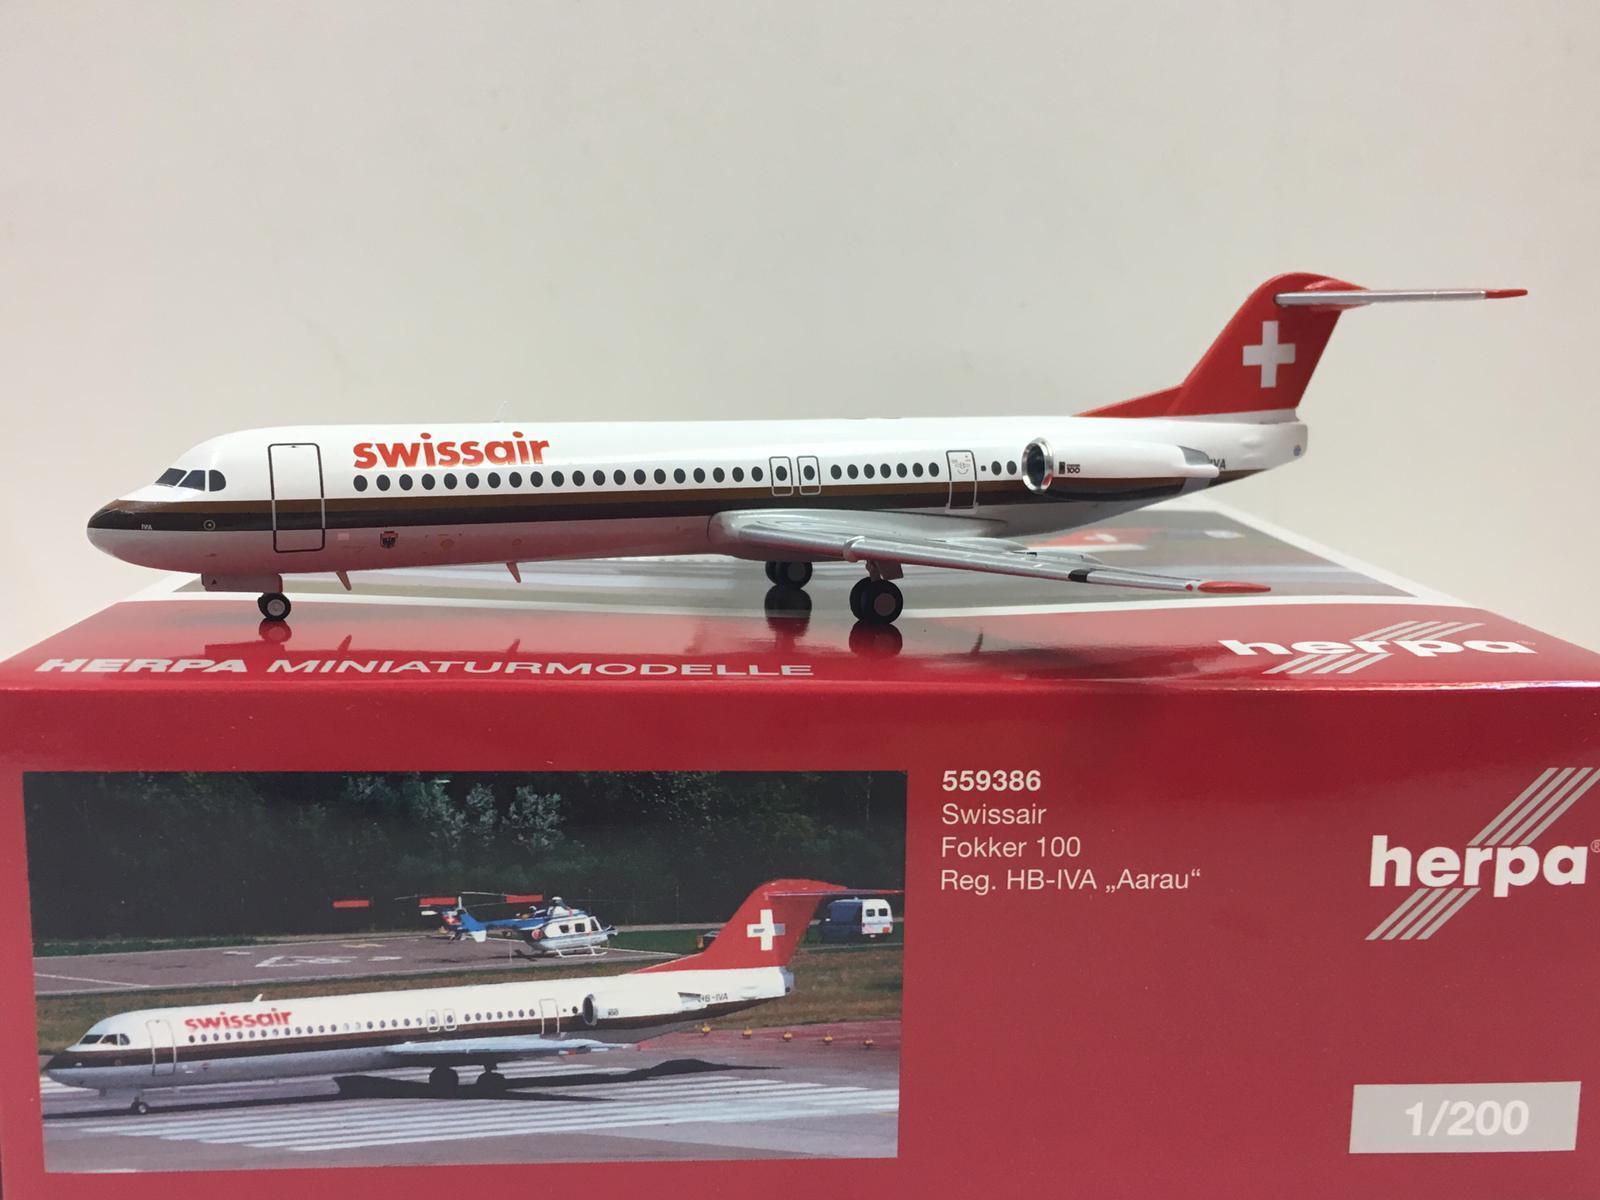 Herpa Wings Swissair Fokker 100  Aarau  1 200 Hell Boy-IVA 559386